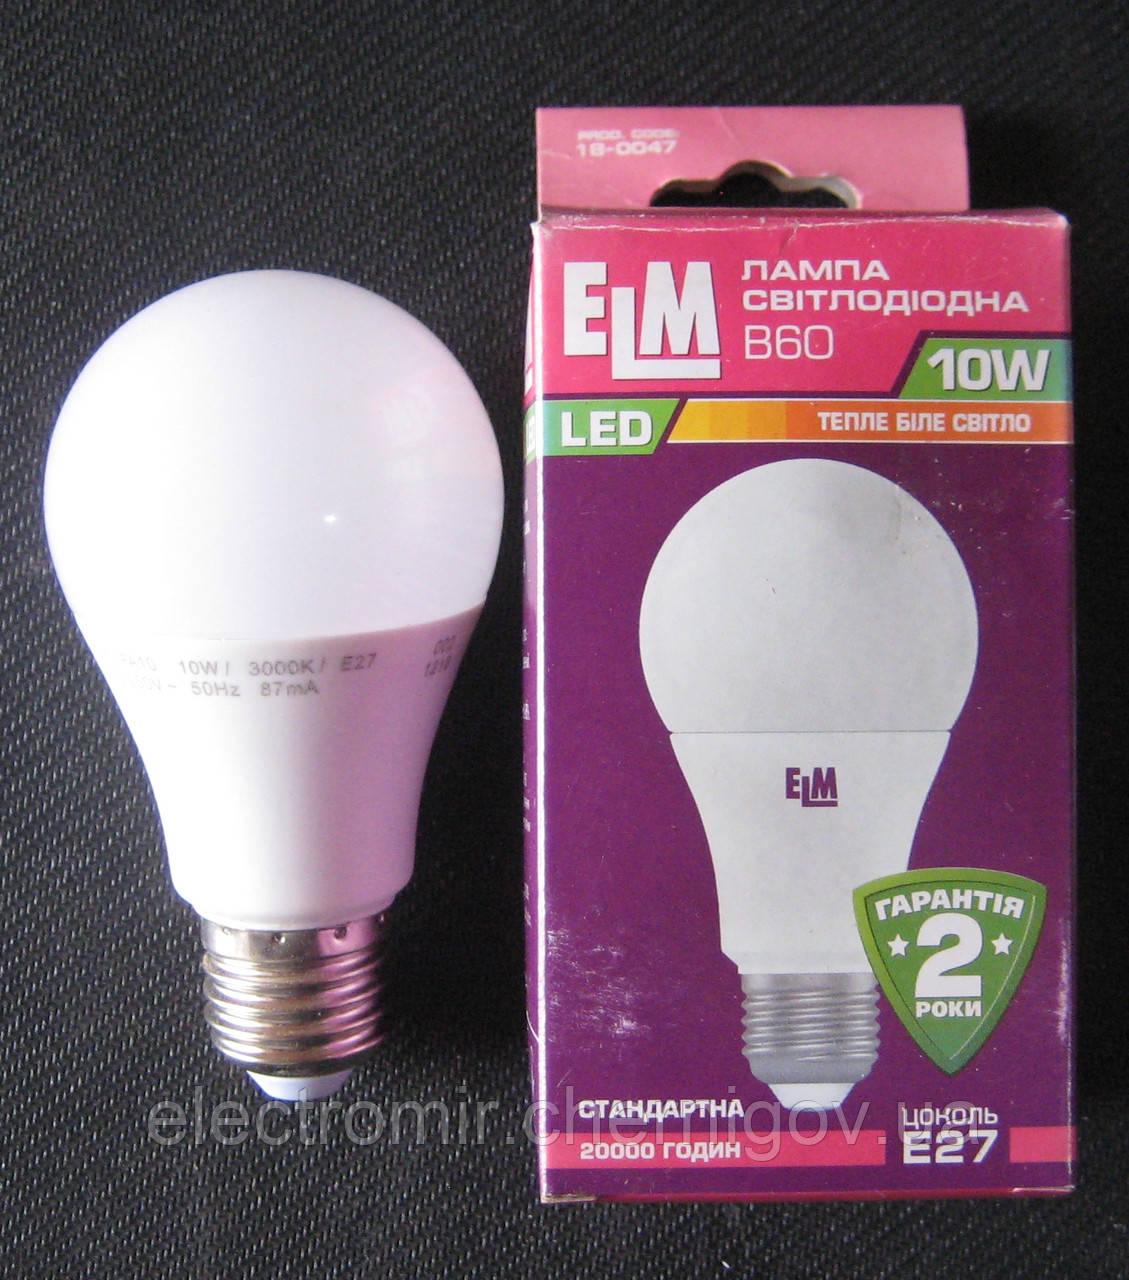 Лампа светодиодная ELM 10W E27 3000K B60 (сфера стандарт)